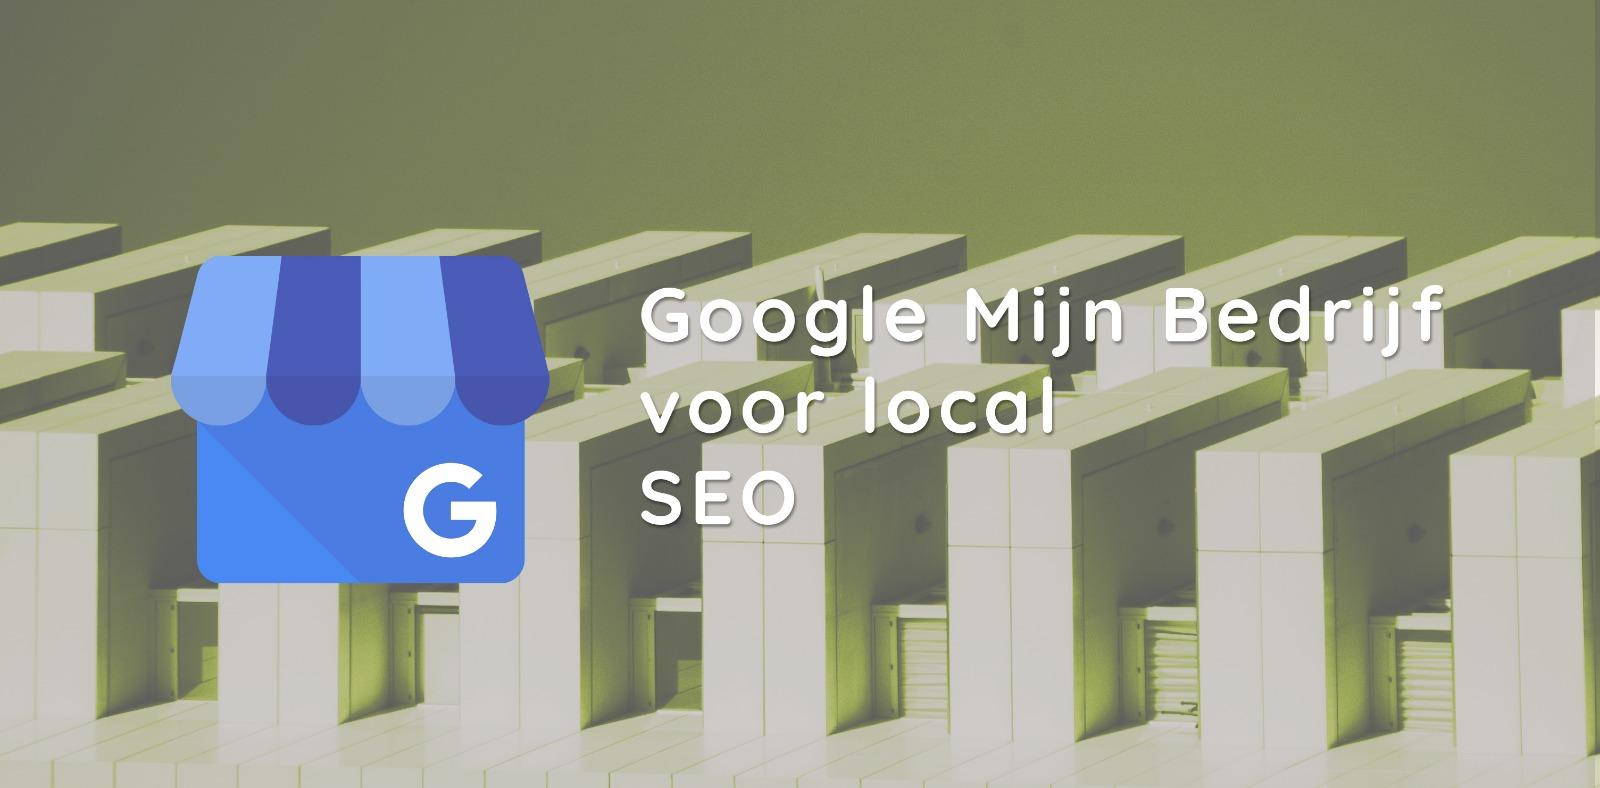 Google Mijn Bedrijf tips